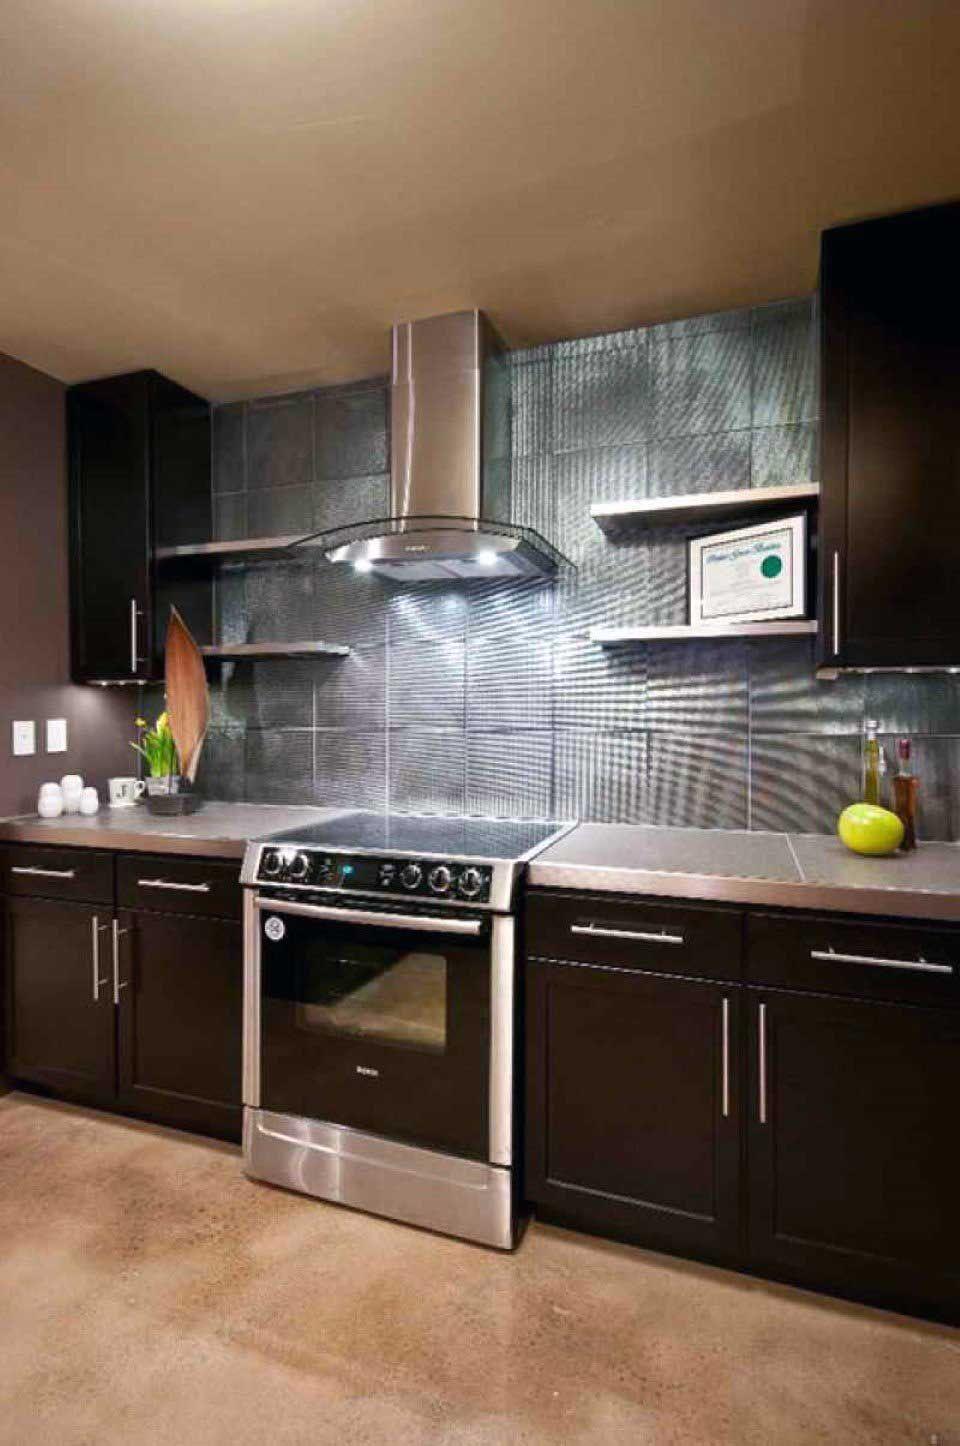 54 retro kitchen decoration ideas kitchen backsplash on awesome modern kitchen design ideas id=67260